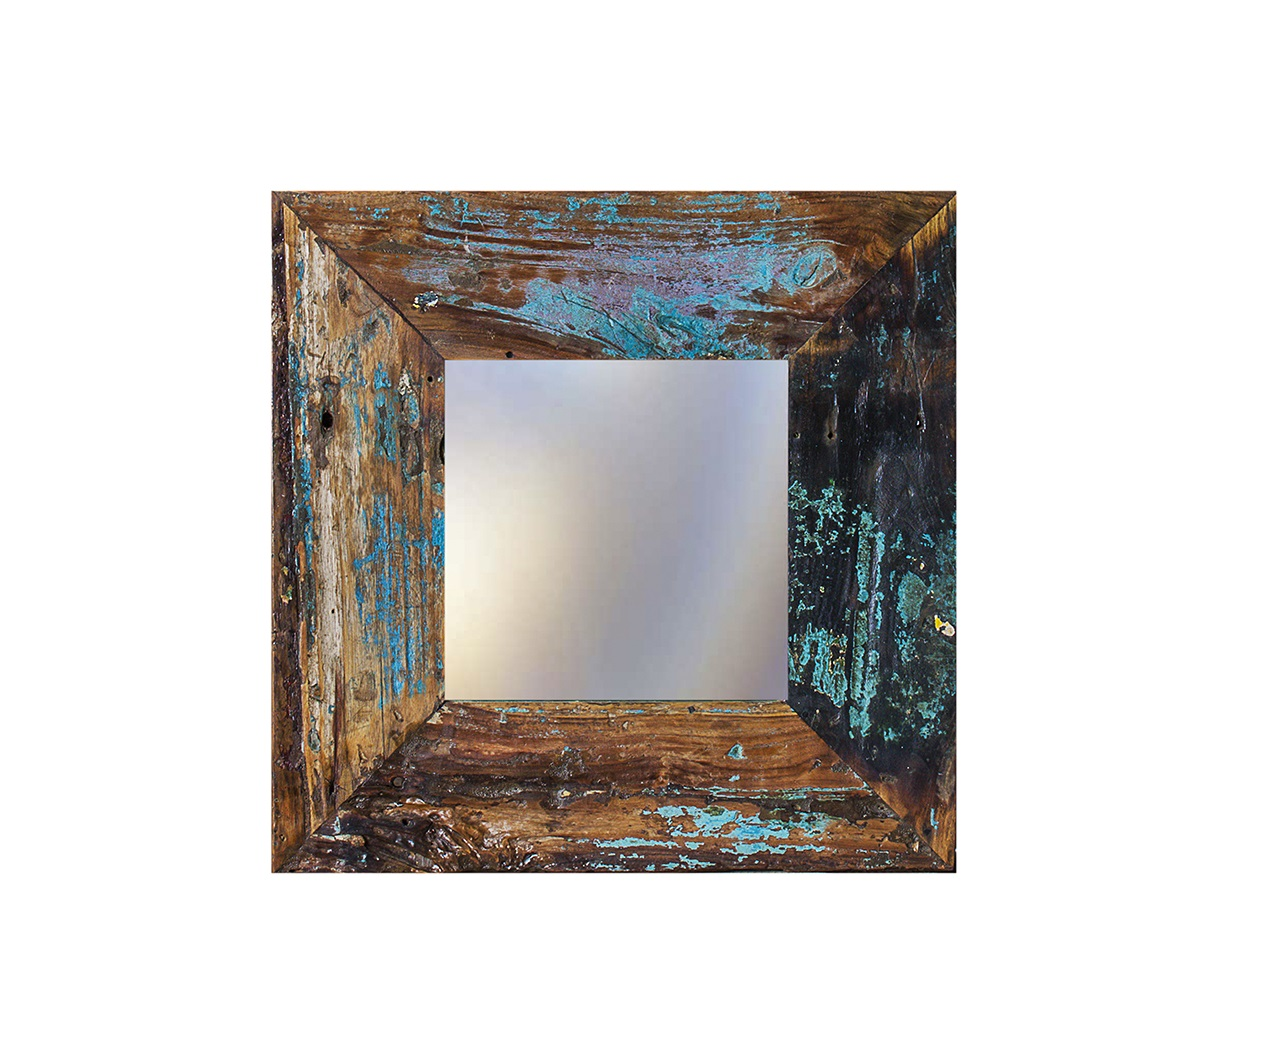 Зеркало Свет мой зеркальцеНастенные зеркала<br>Зеркало выполнено из фрагментов настоящего рыболовецкого судна, возраст которого 20-40 лет. Окрас сохранён оригинальный.<br><br>Material: Тик<br>Ширина см: 60.0<br>Высота см: 60.0<br>Глубина см: 3.0